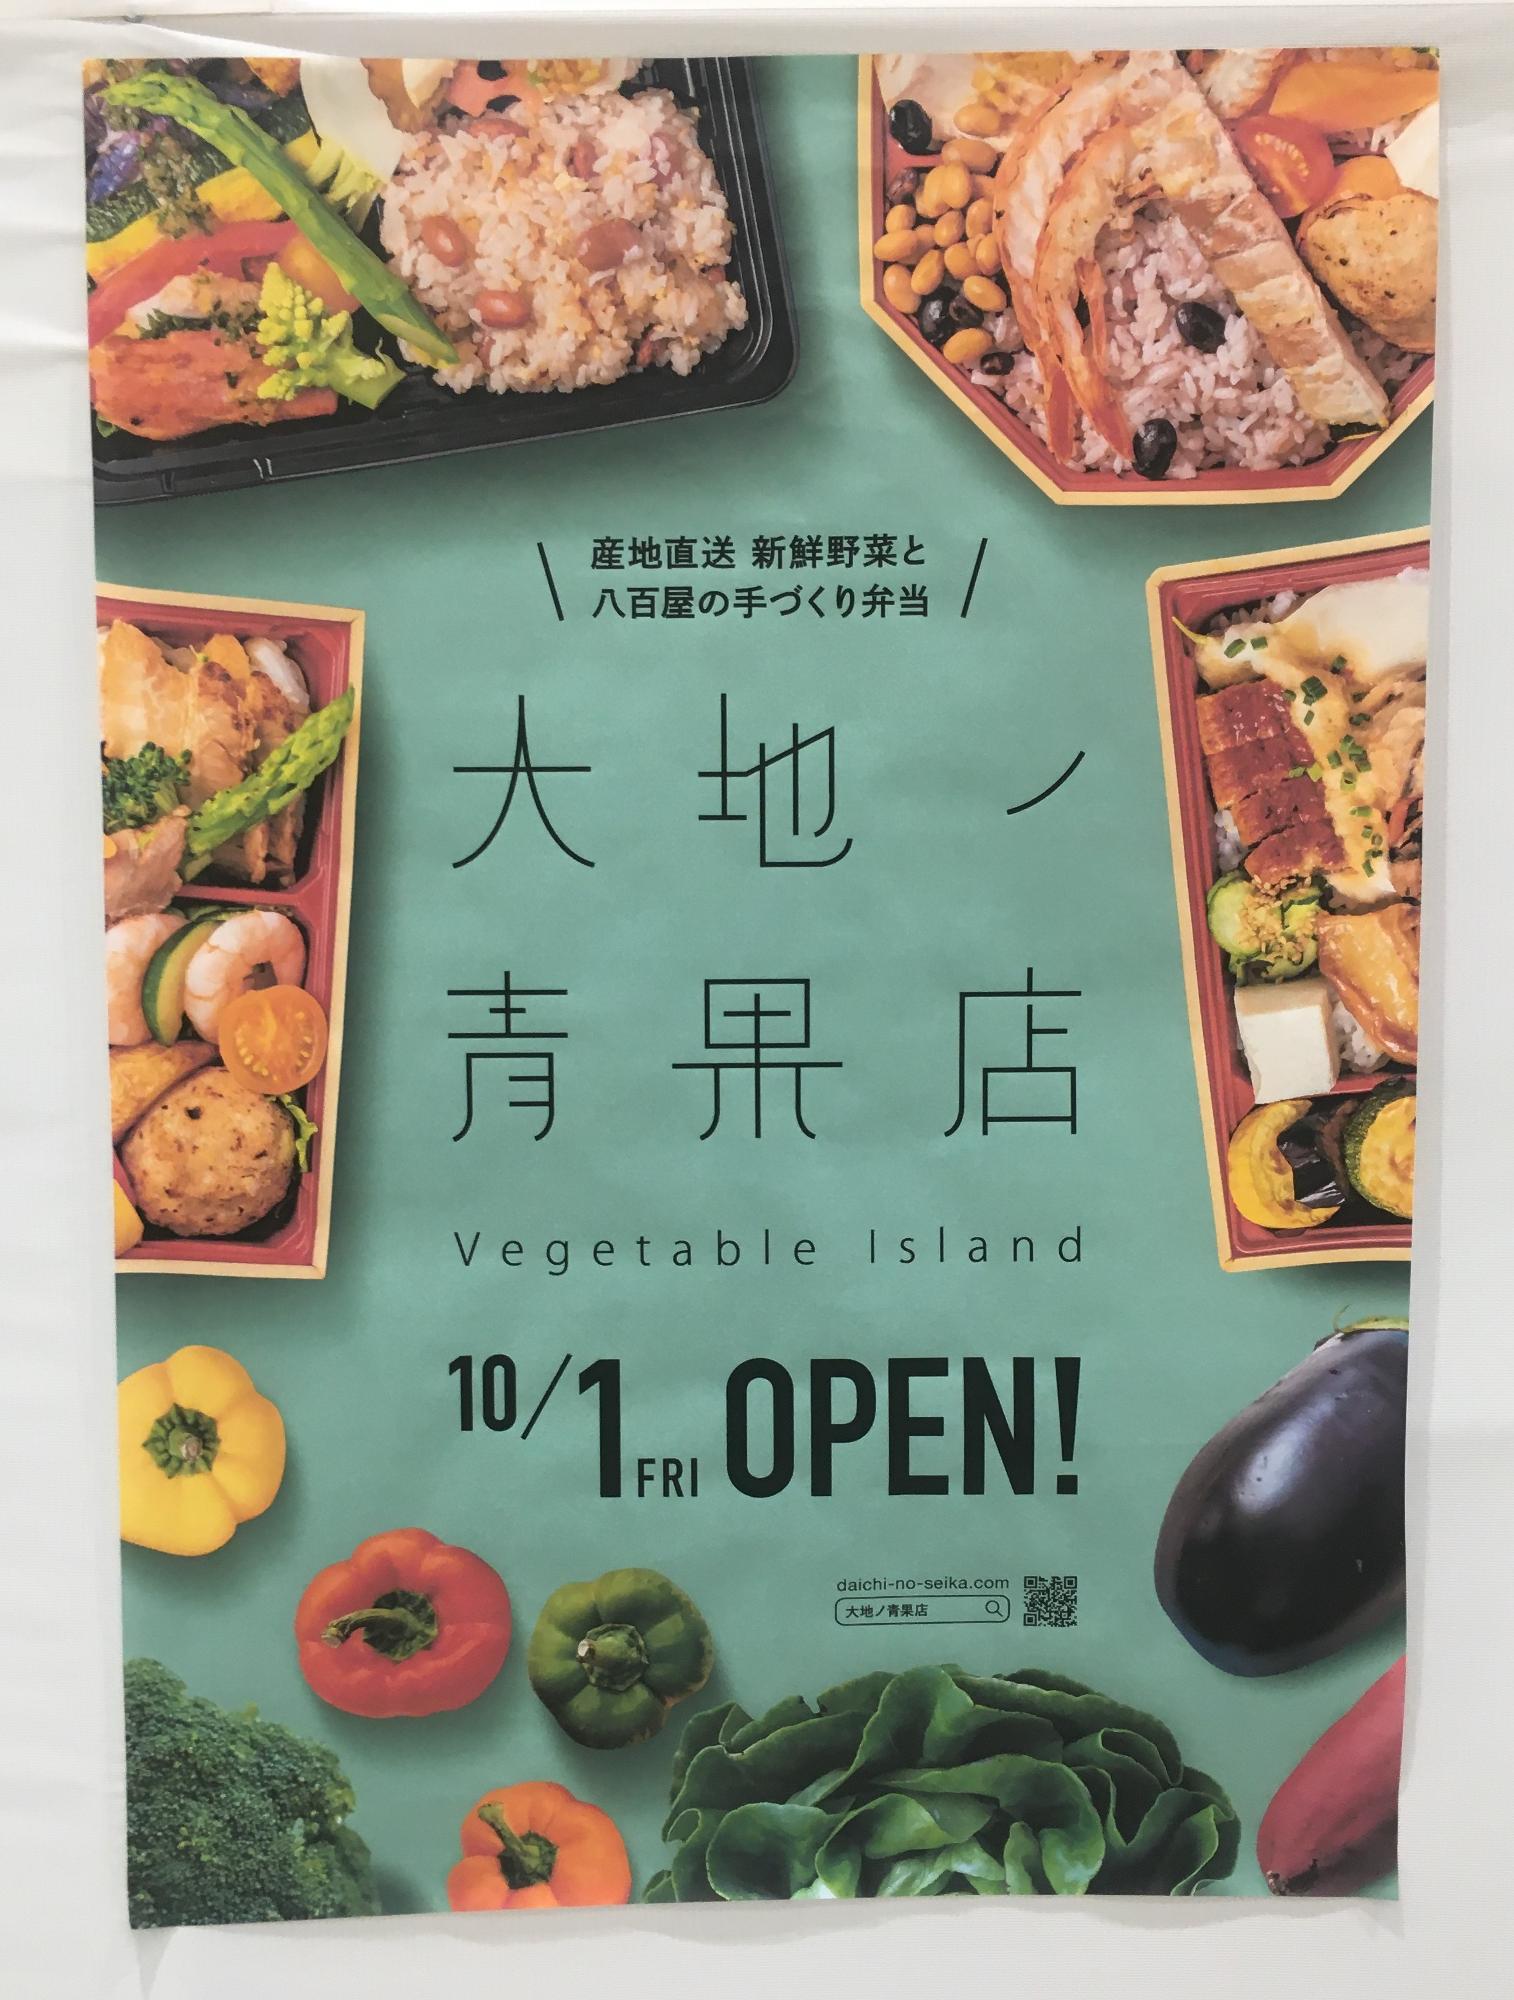 オープン間近の「大地ノ青果店 イオン苗穂店」オープン告知ポスター